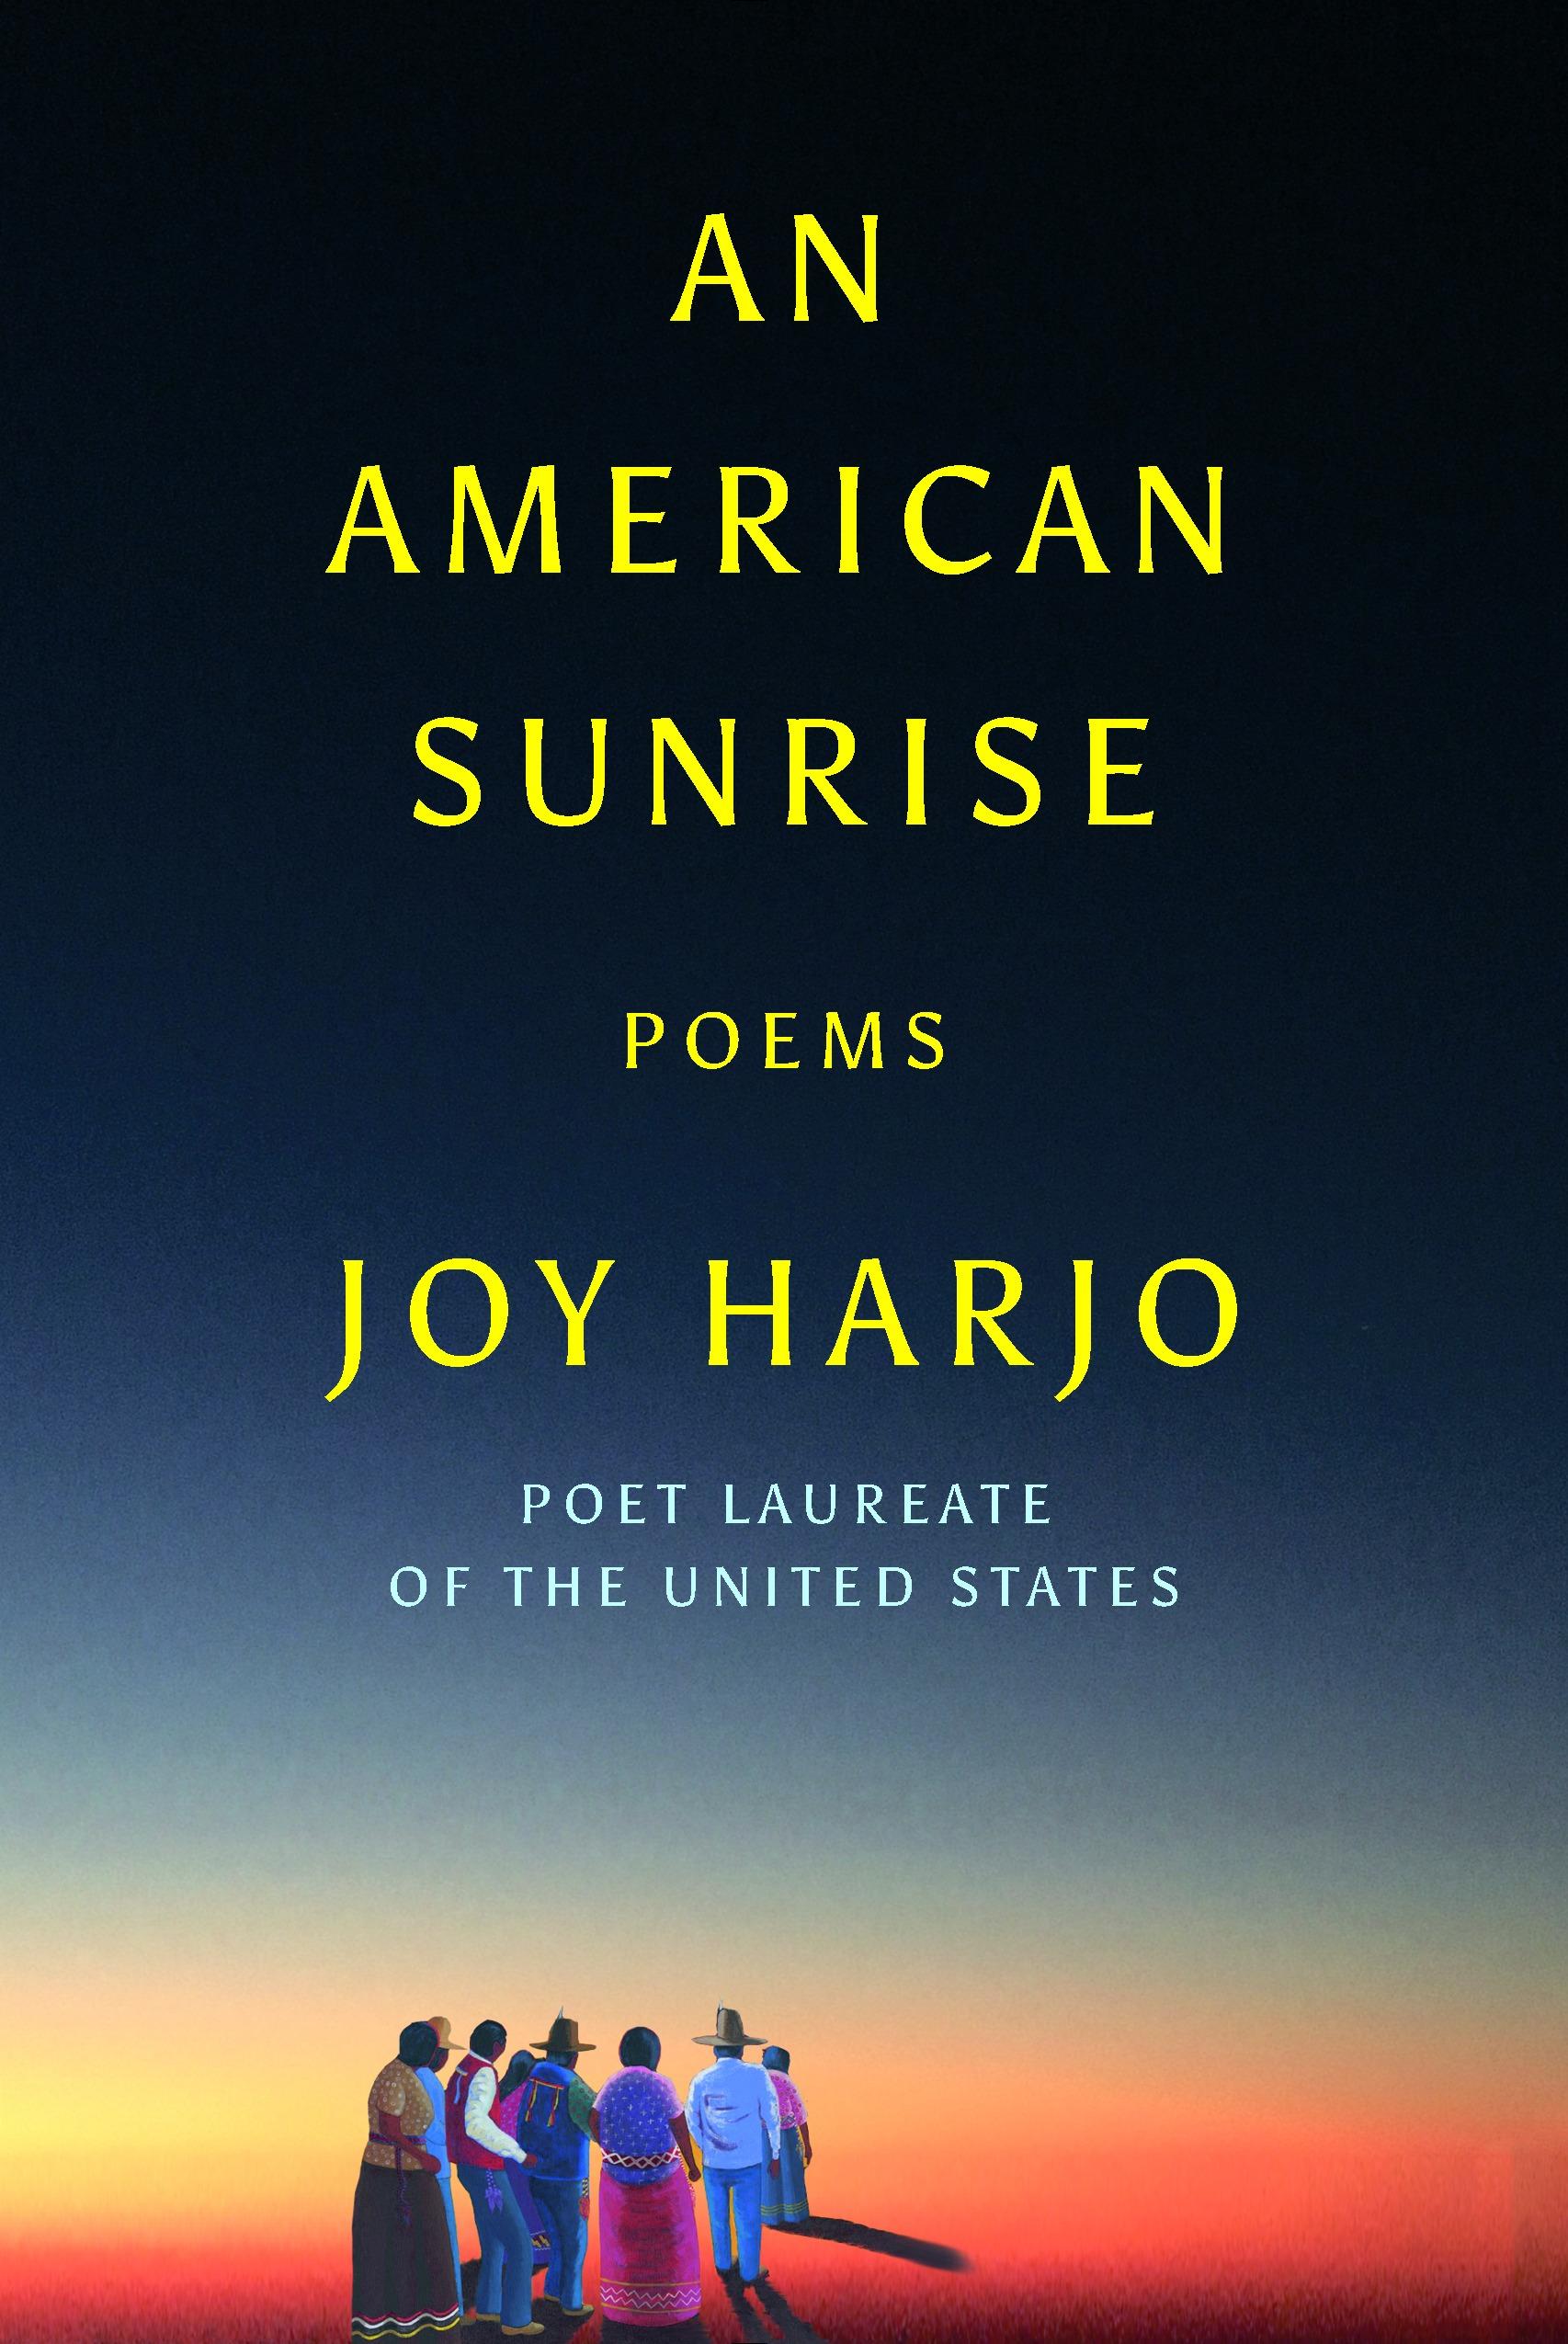 An American Sunrise Poems by Joy Harjo